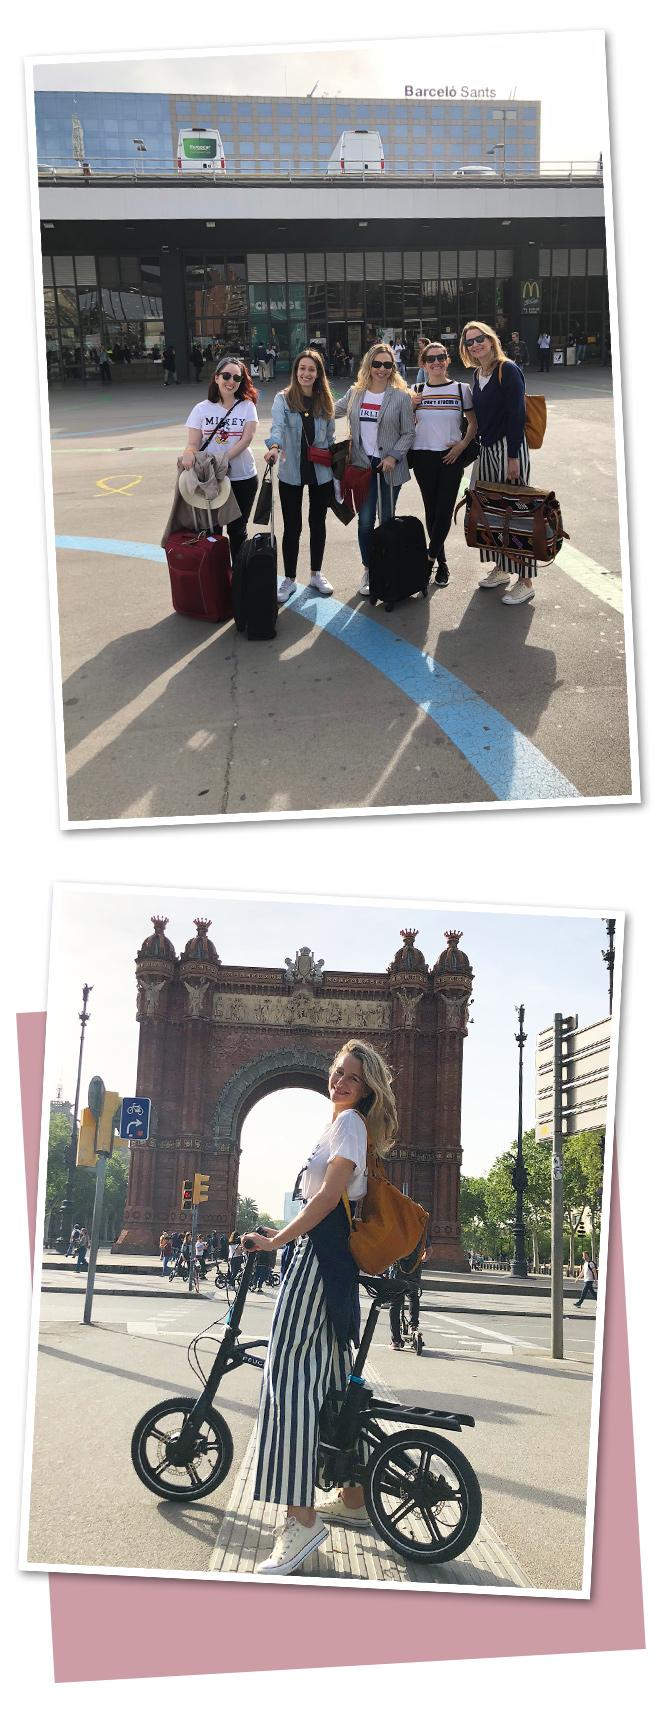 Y hasta aquí nuestro recorrido por Barcelona en las estupendas y manejables bicicletas de Peugeot, la manera más cómoda, rápida y divertida de conocer una ciudad